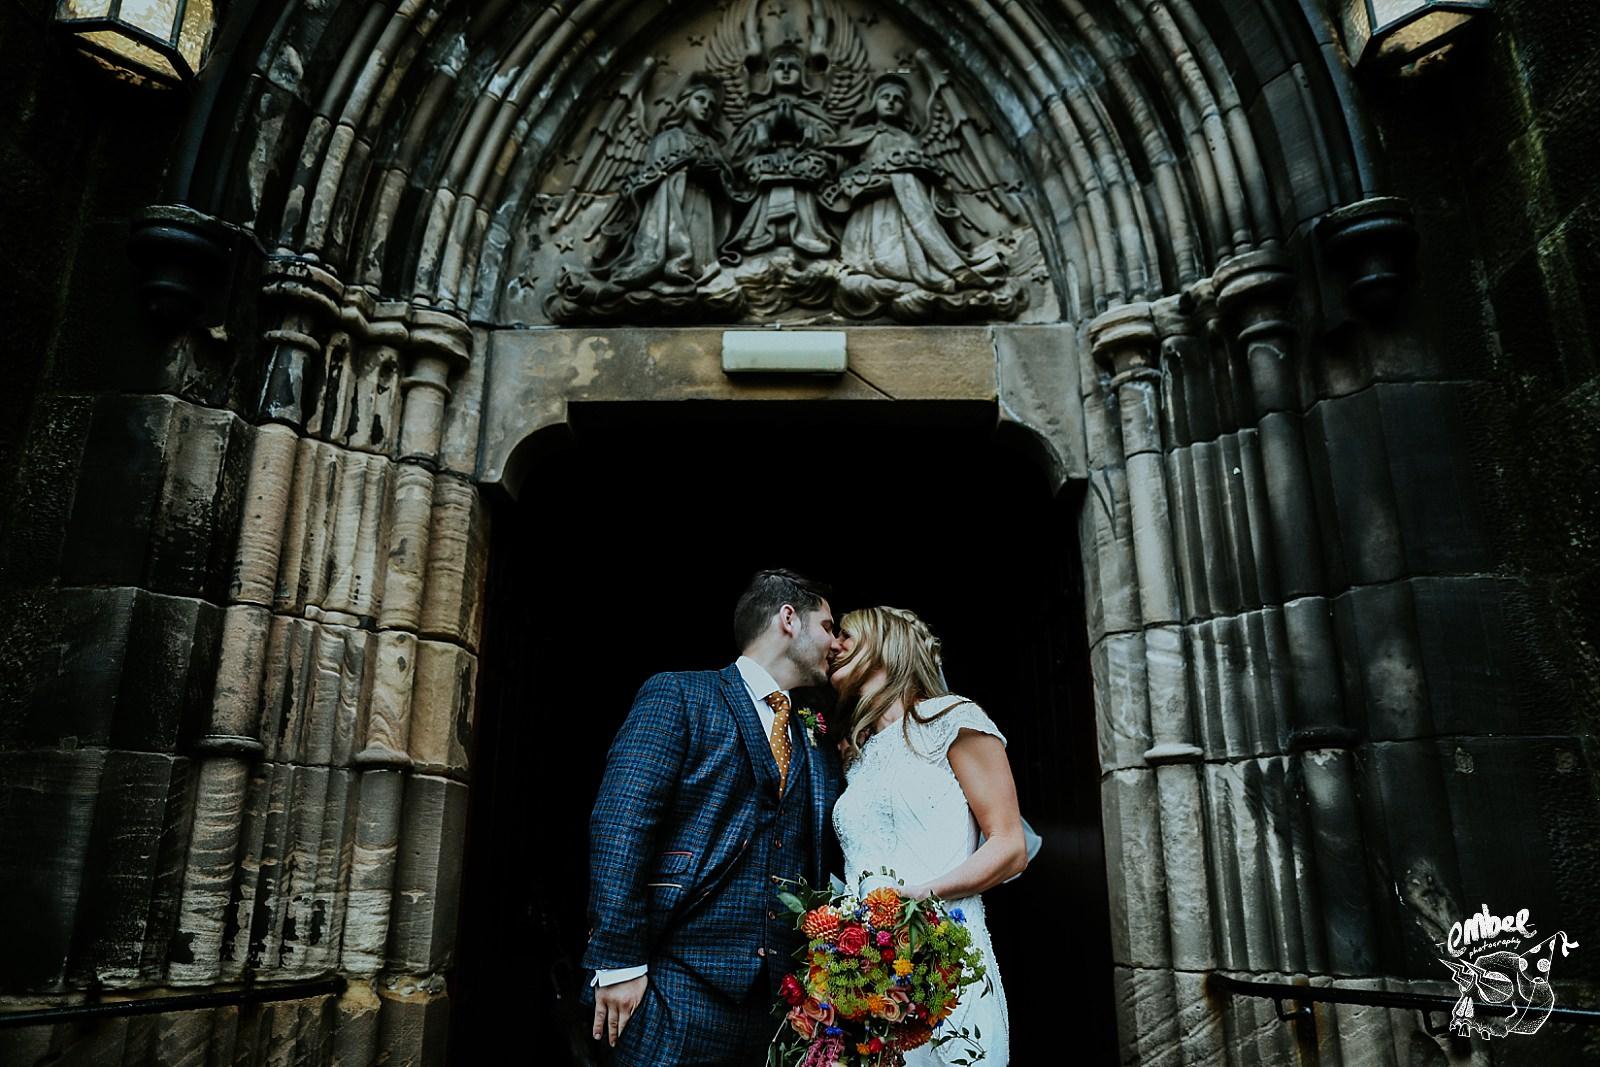 bride and groom kissing in church doorway